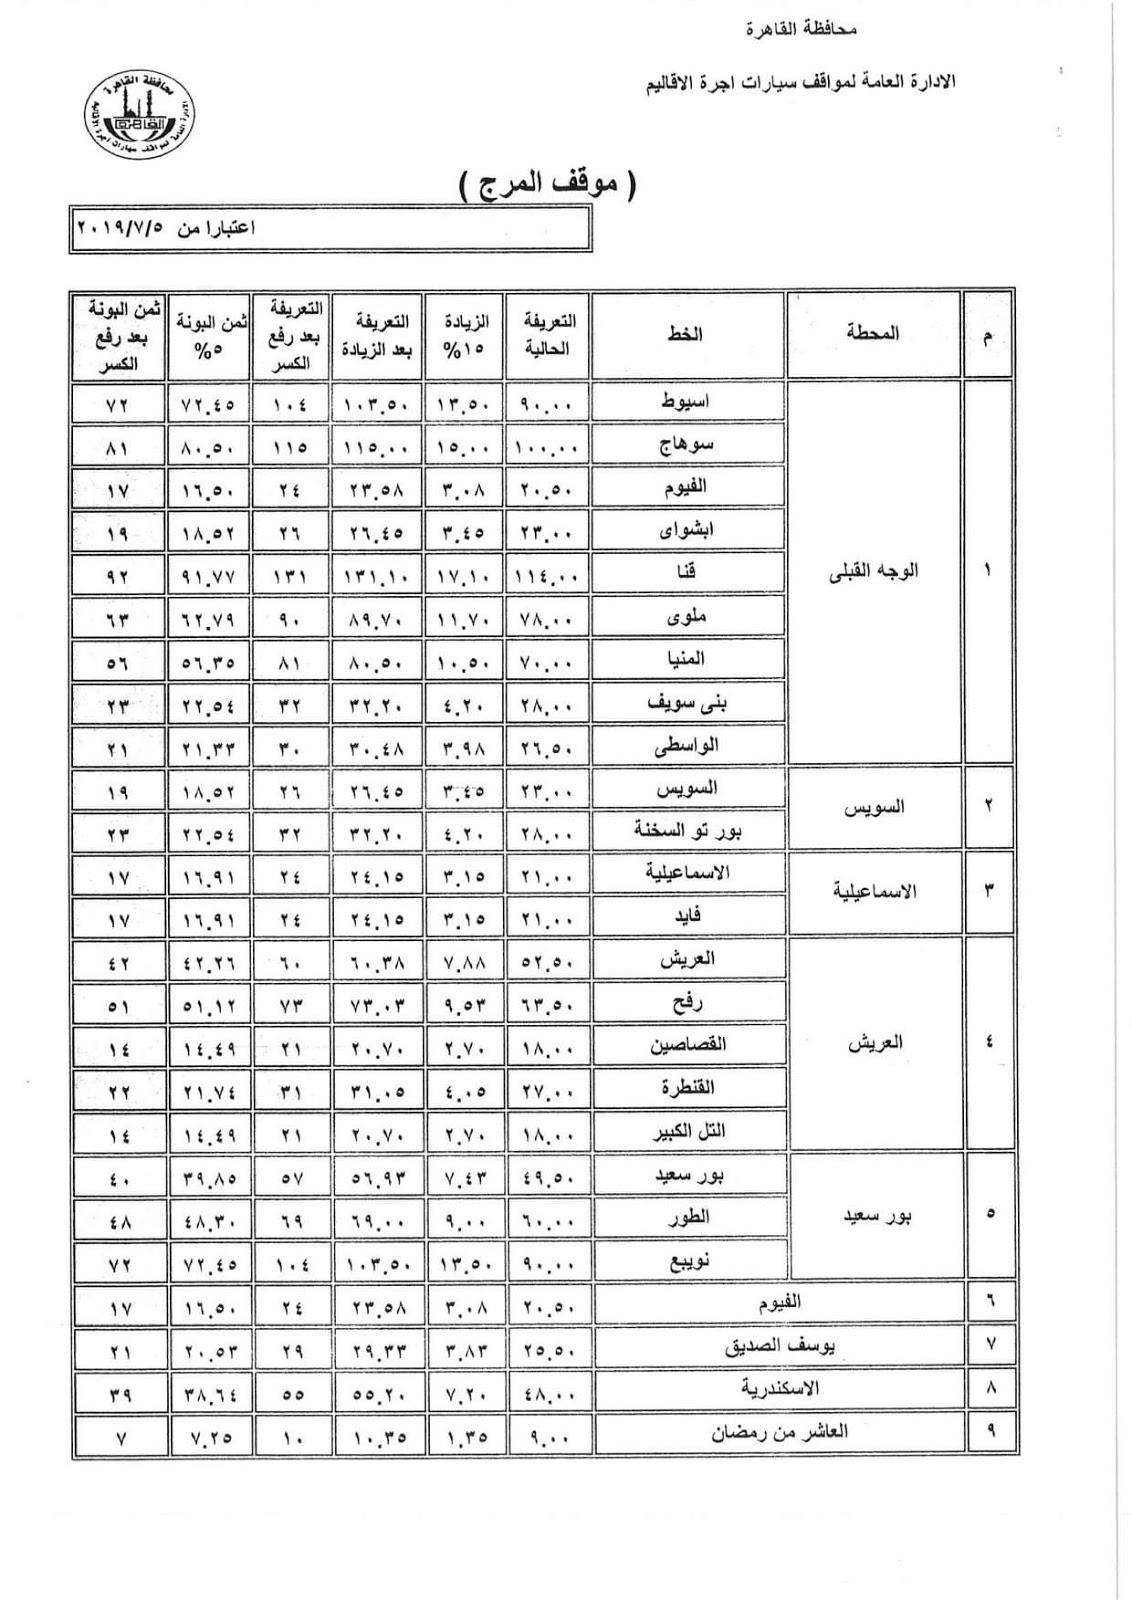 ننشر التعريفه الجديده للمواصلات داخل وبين المدن المصرية بعد زياده اسعار الوقود بجميع المحافظات FB_IMG_1562336459282